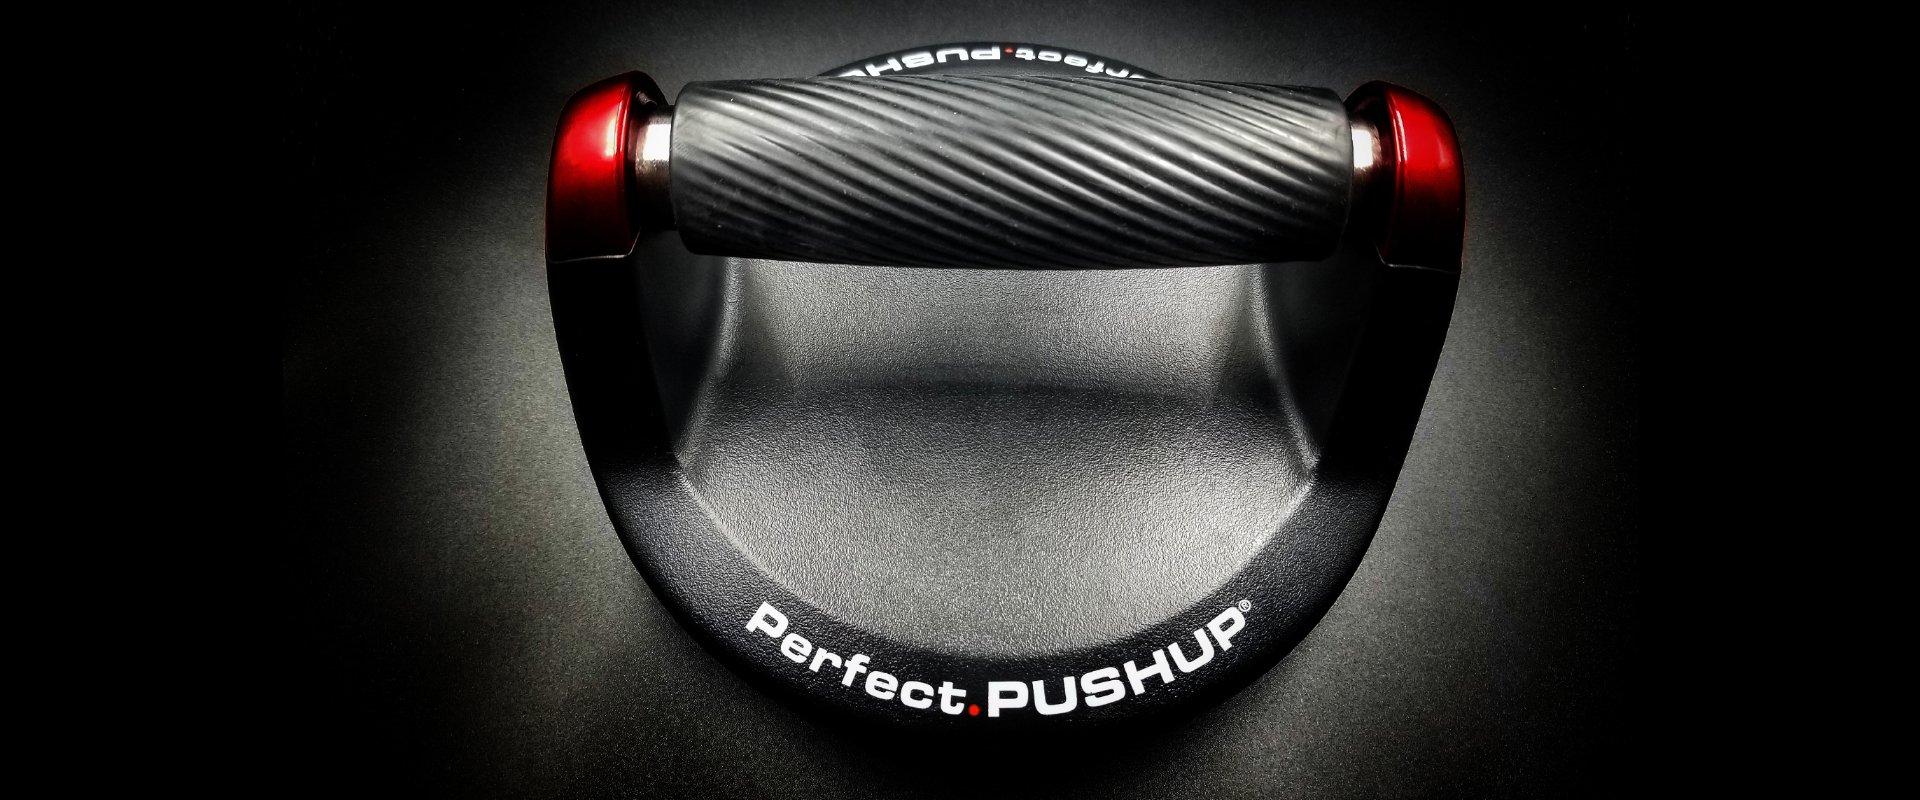 Обзор поворотных упоров для отжиманий Perfect Fitness Pushup PRO